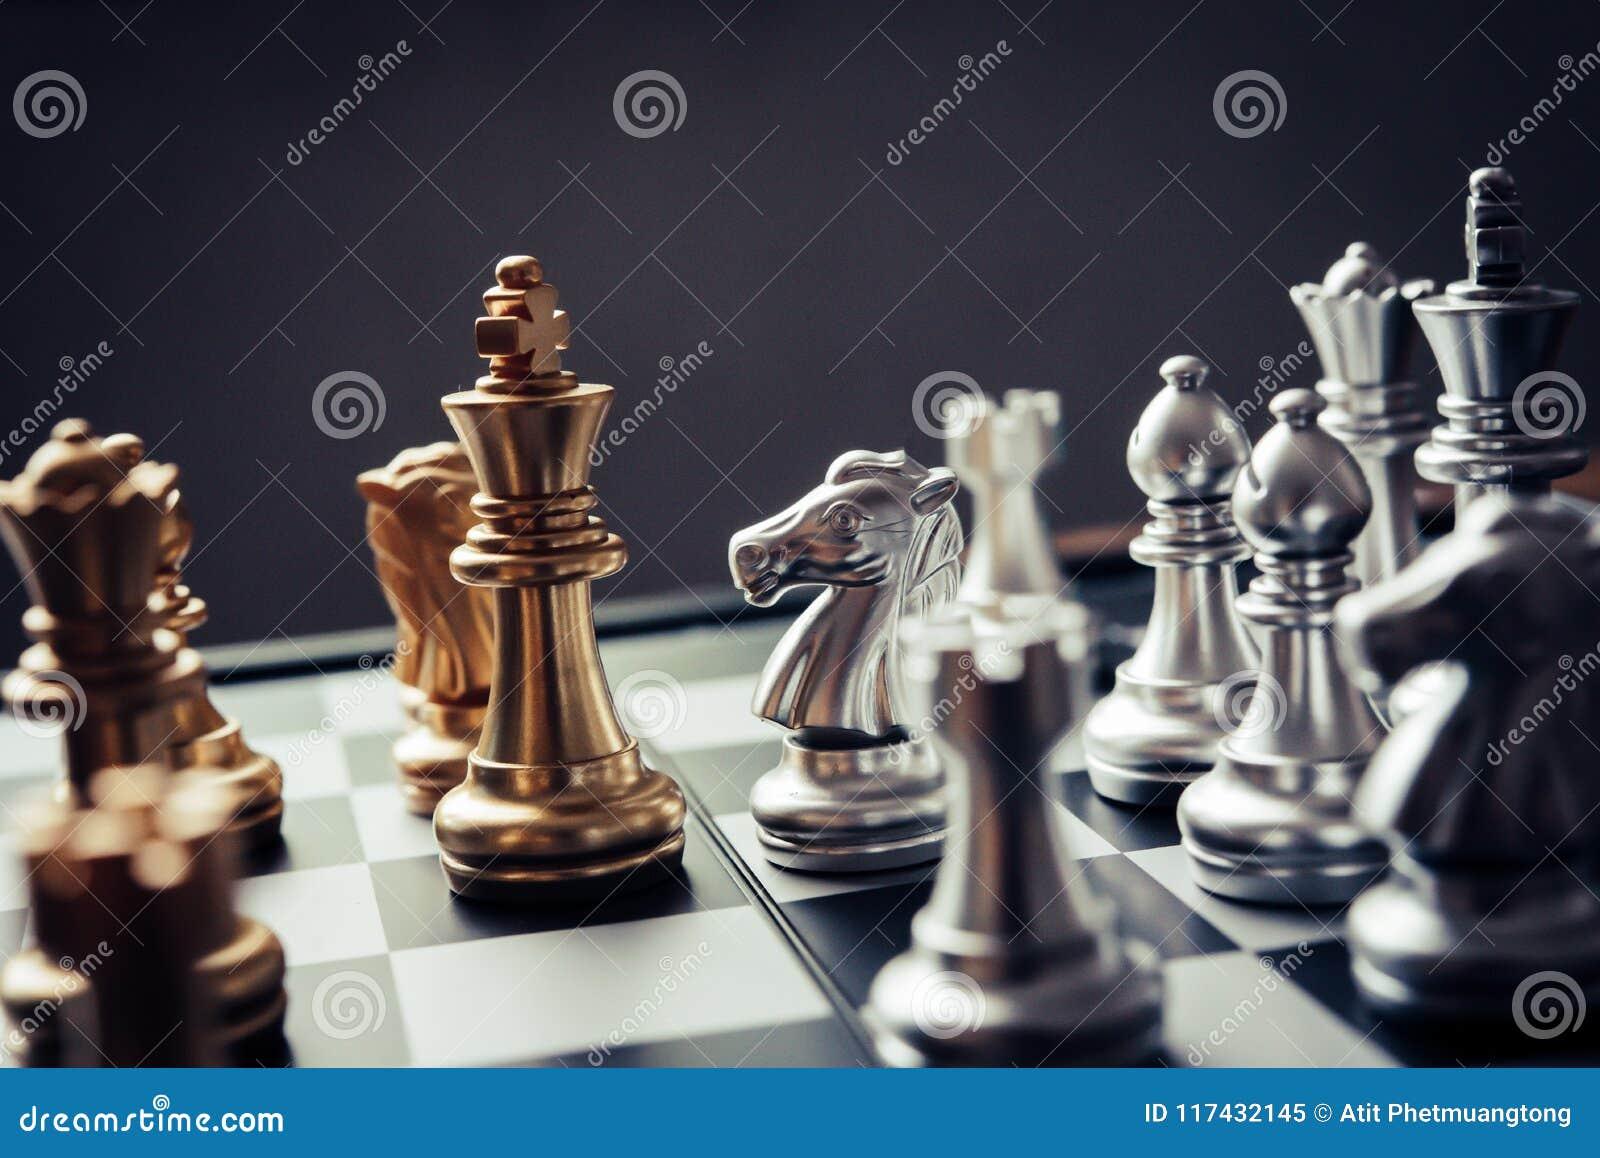 Szachowa deska - konkurencyjny biznesowy pomysł udawać się